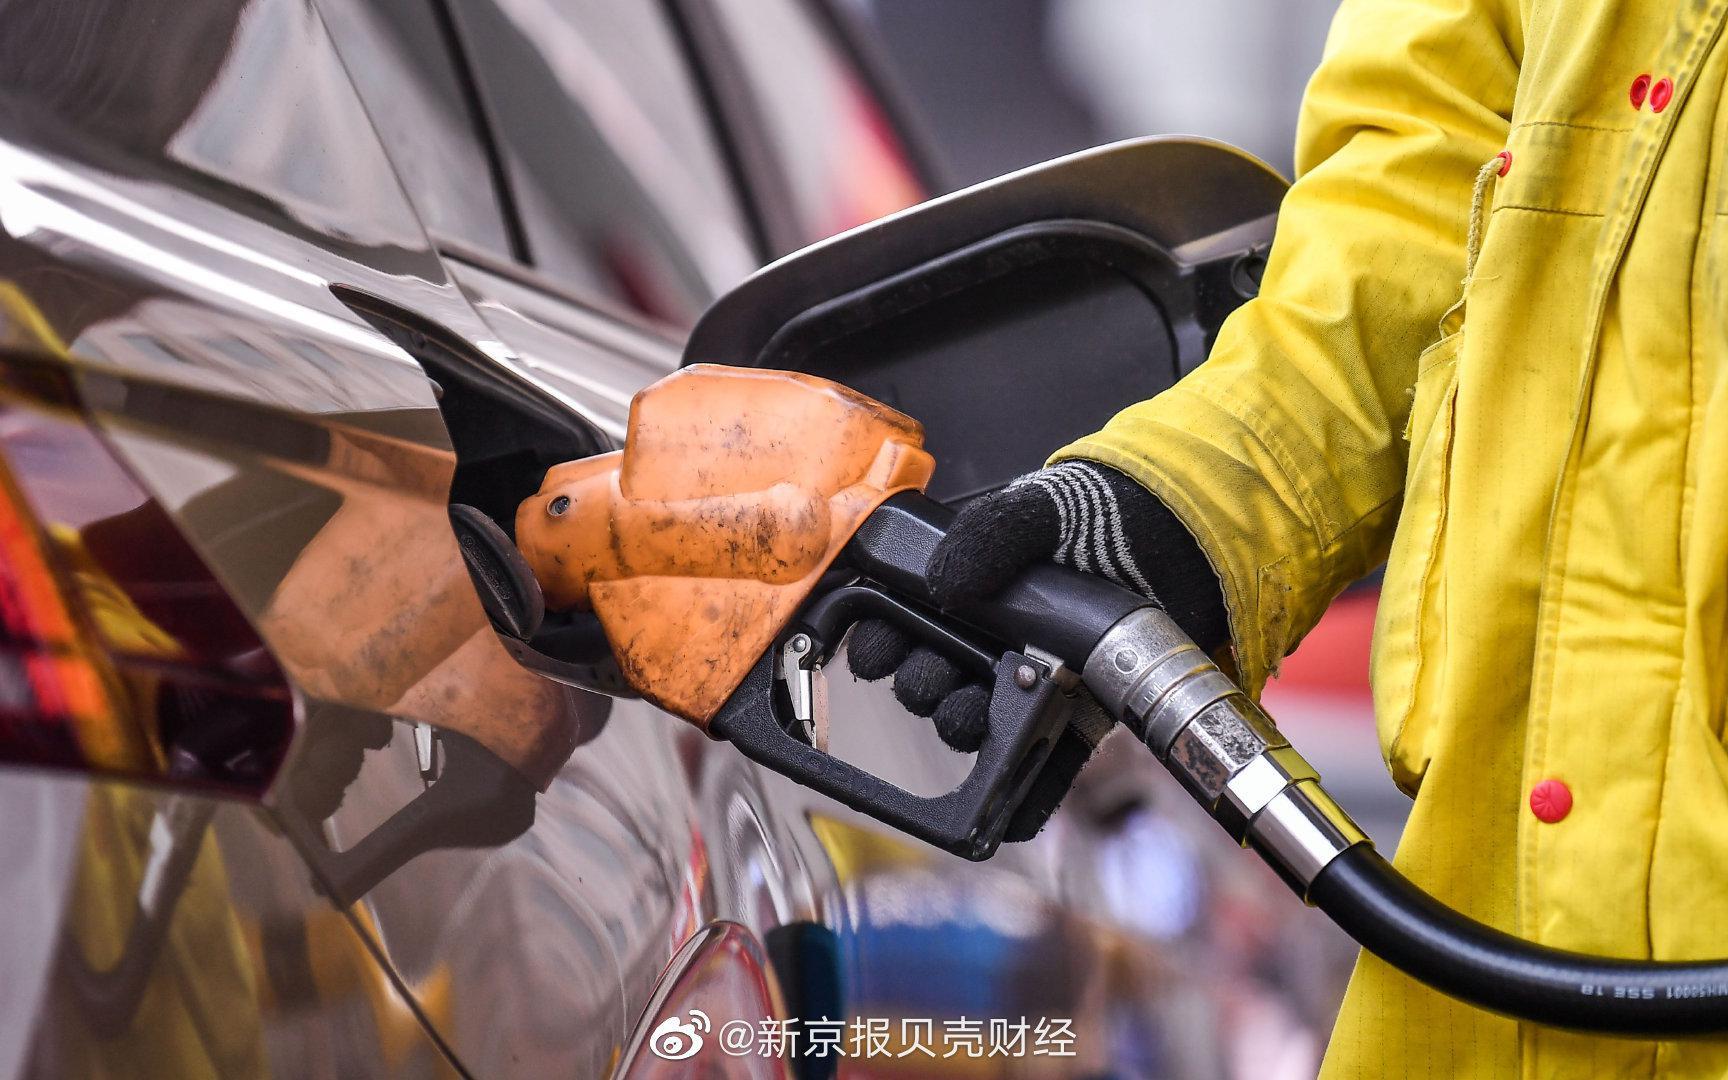 5月14日24时起,国内汽、柴油价格每吨均提高100元